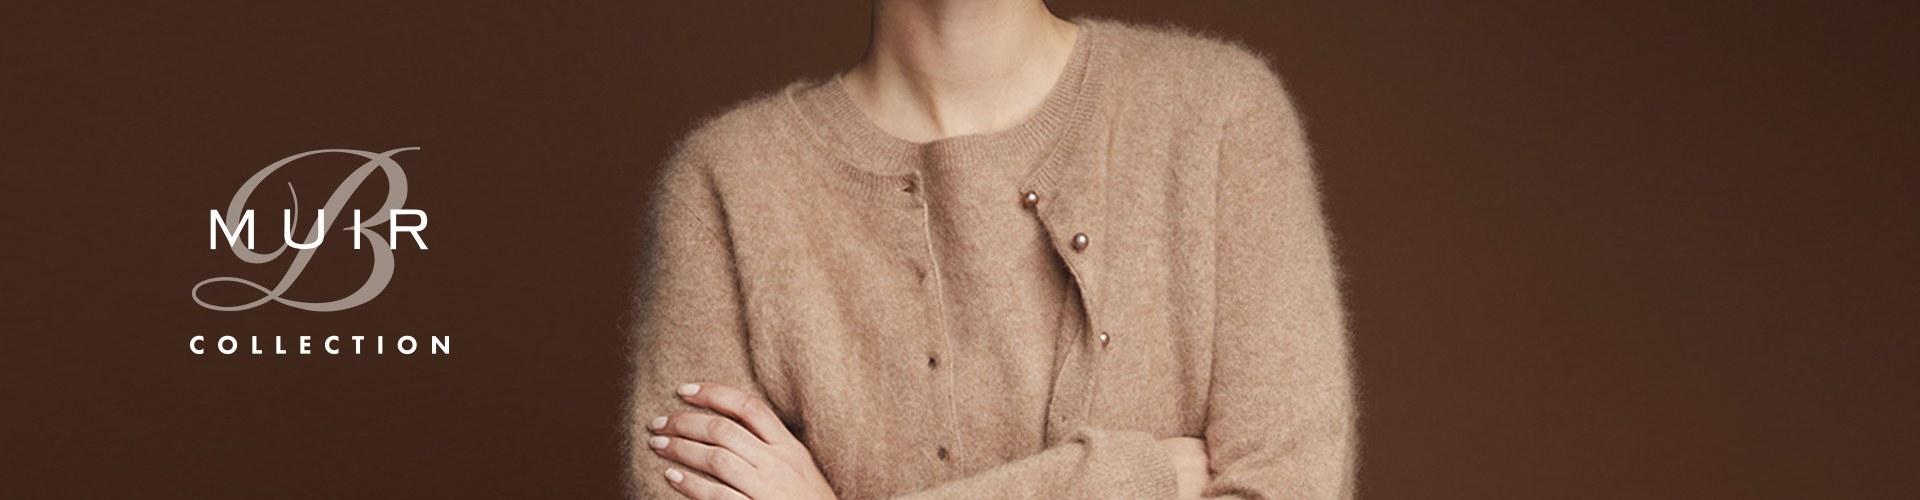 BMuir Clothing